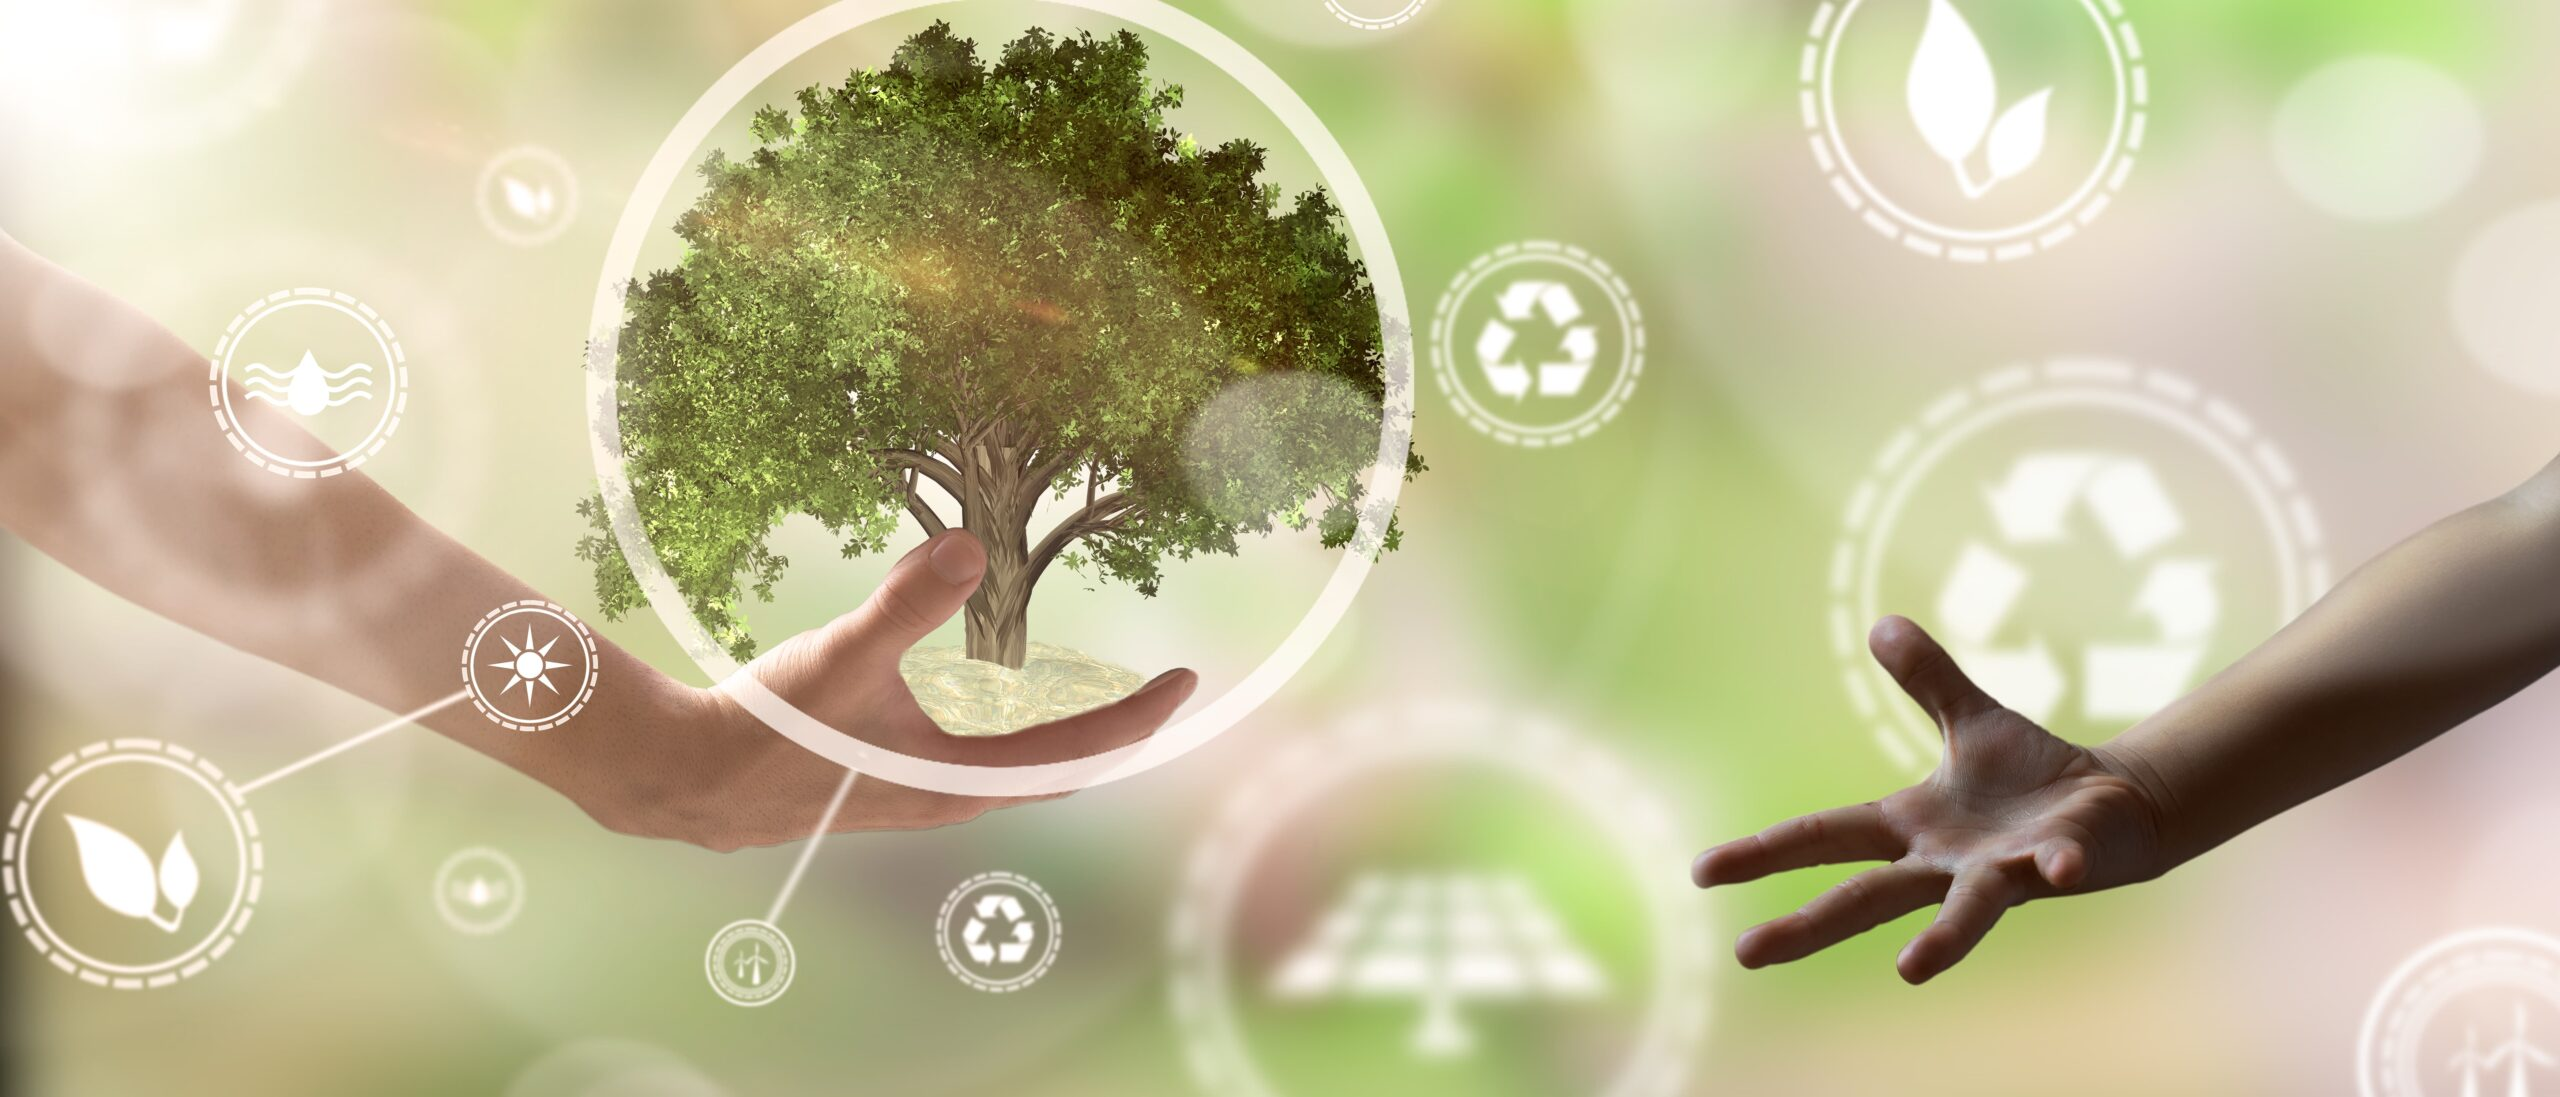 Préserver notre planète et éviter le gaspillage énergétique